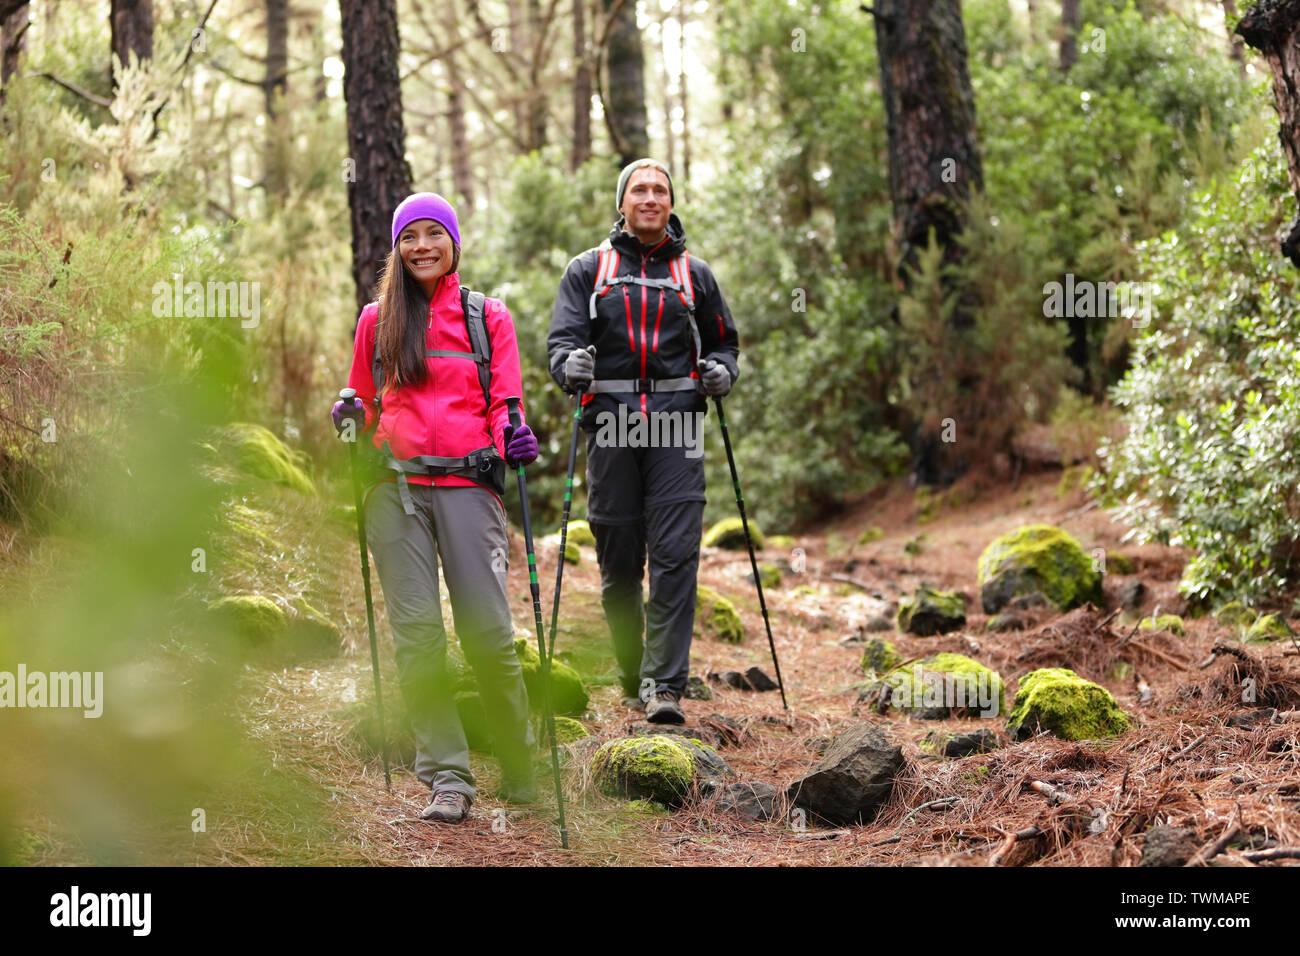 Couple Randonneur randonneurs randonnée en forêt le chemin dans les montagnes. La femme et l'homme multiraciale vivant une vie active saine profiter de la nature à La Esperanza forest, Tenerife, Canaries, Espagne. Banque D'Images